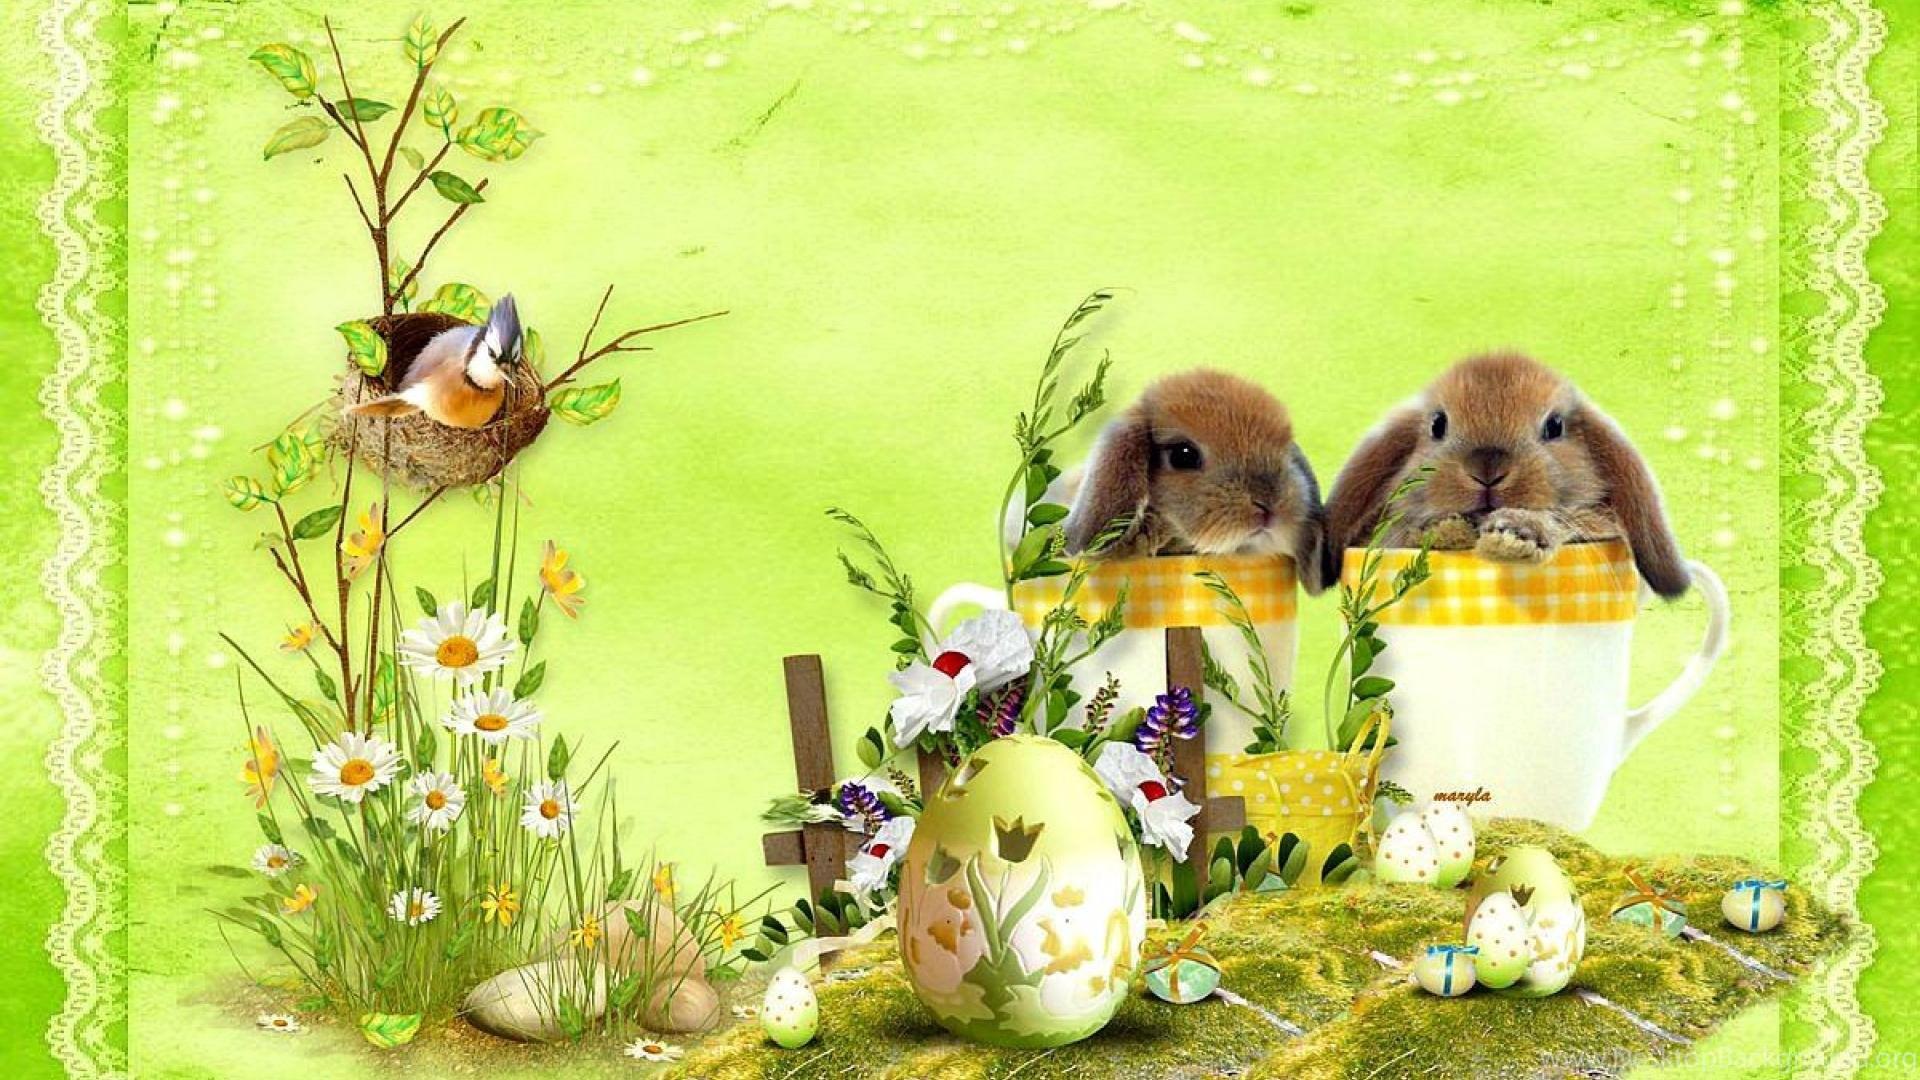 Happy Easter Bunny Wallpaper Desktop Background